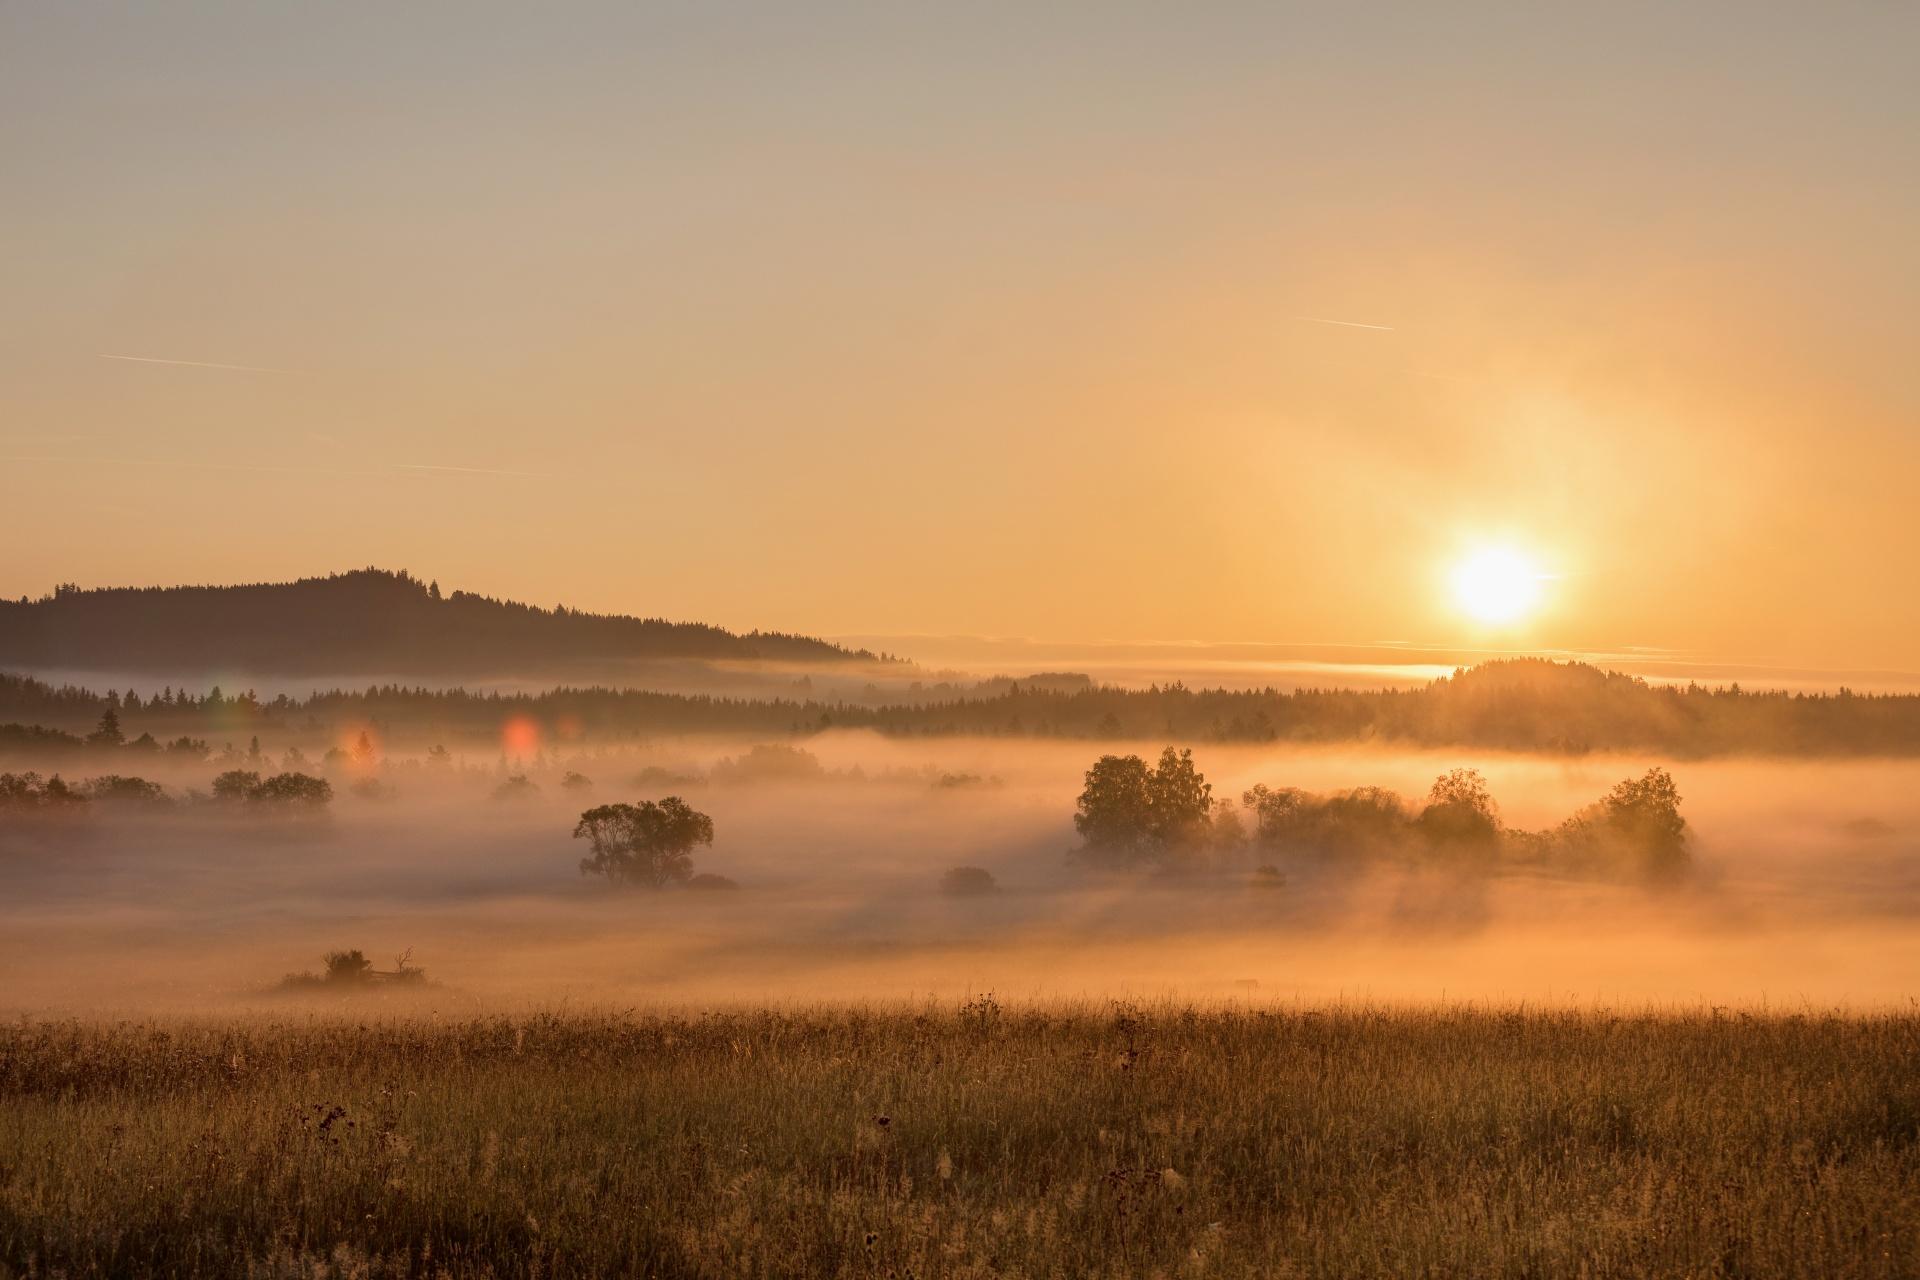 朝霧とボヘミアの森の風景 チェコの風景